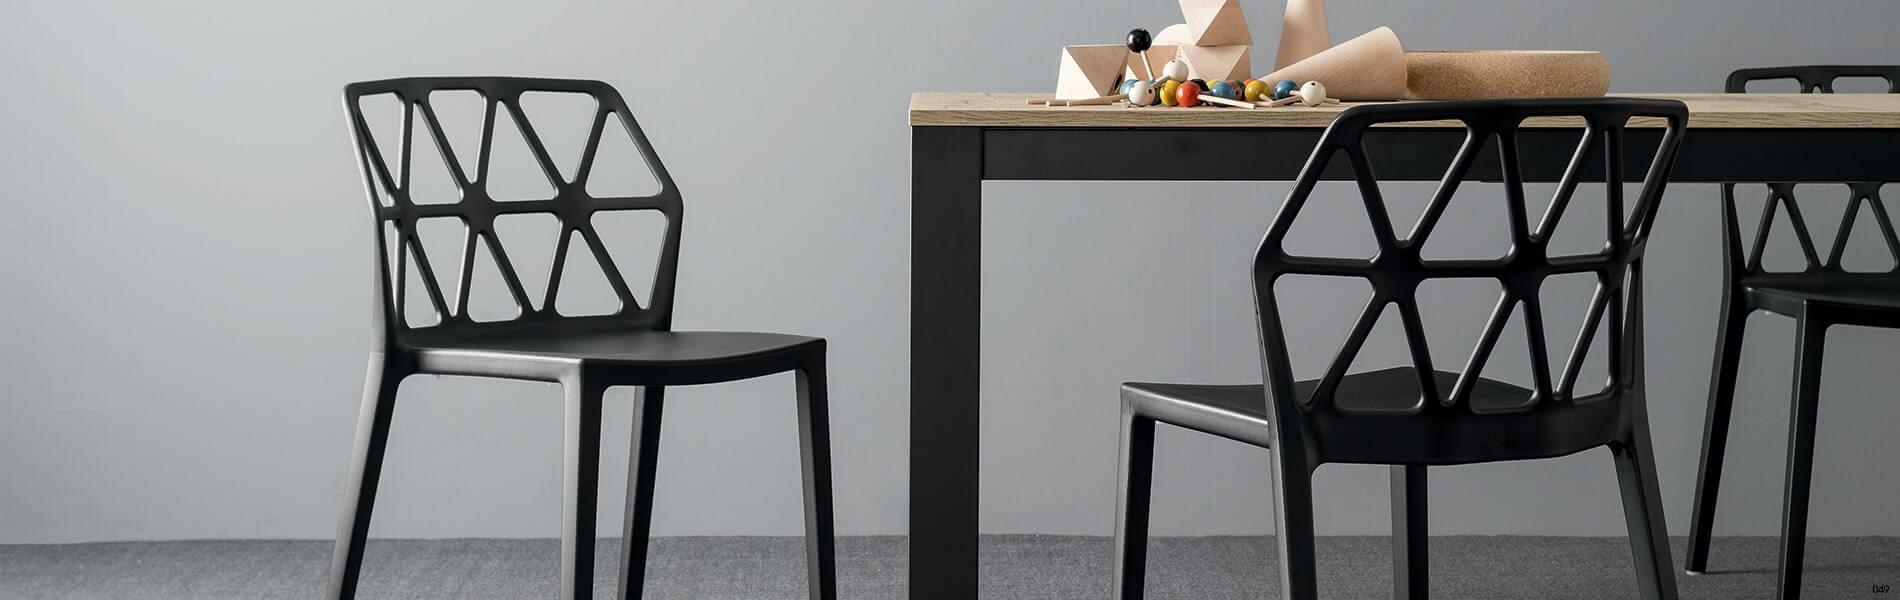 4 Pieds Tables Chaises Et Tabourets Personnalisables